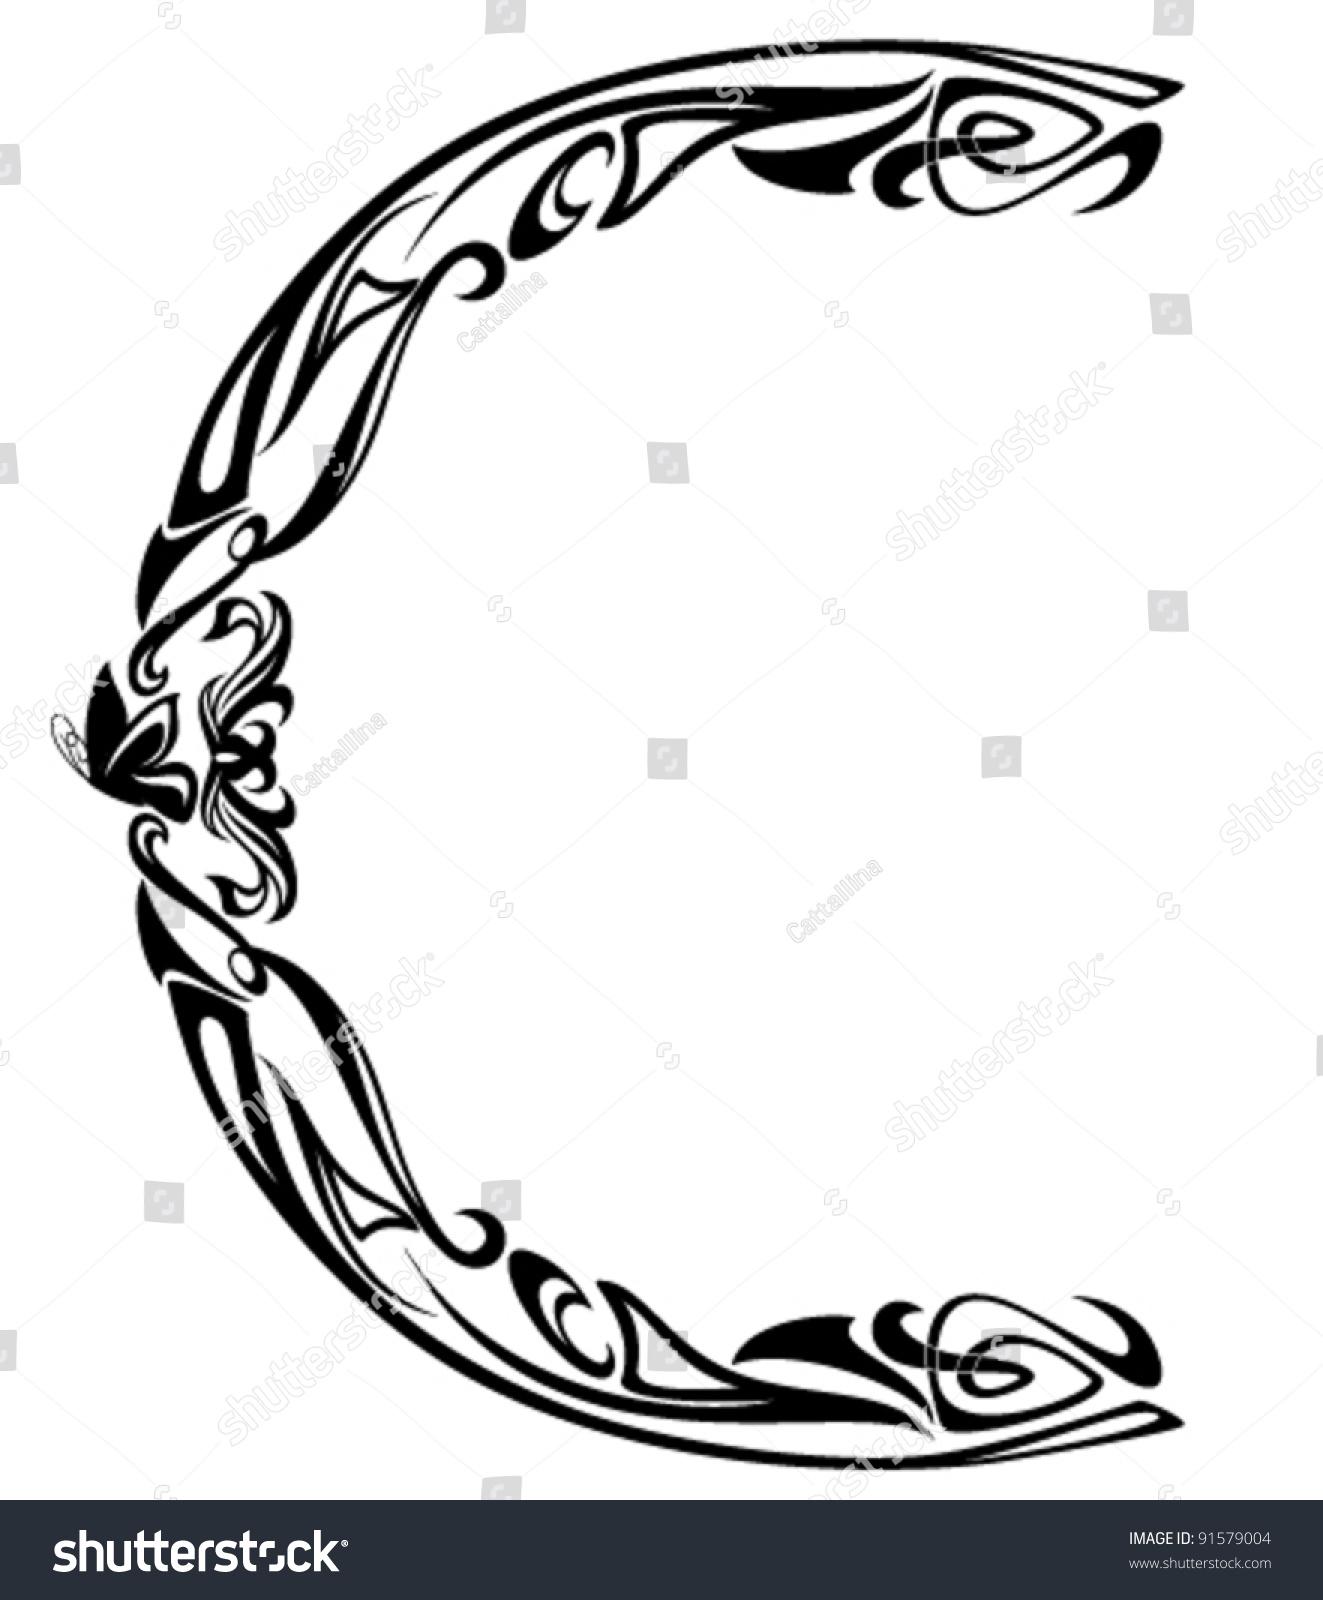 Art Nouveau Style Vintage Font - Letter C